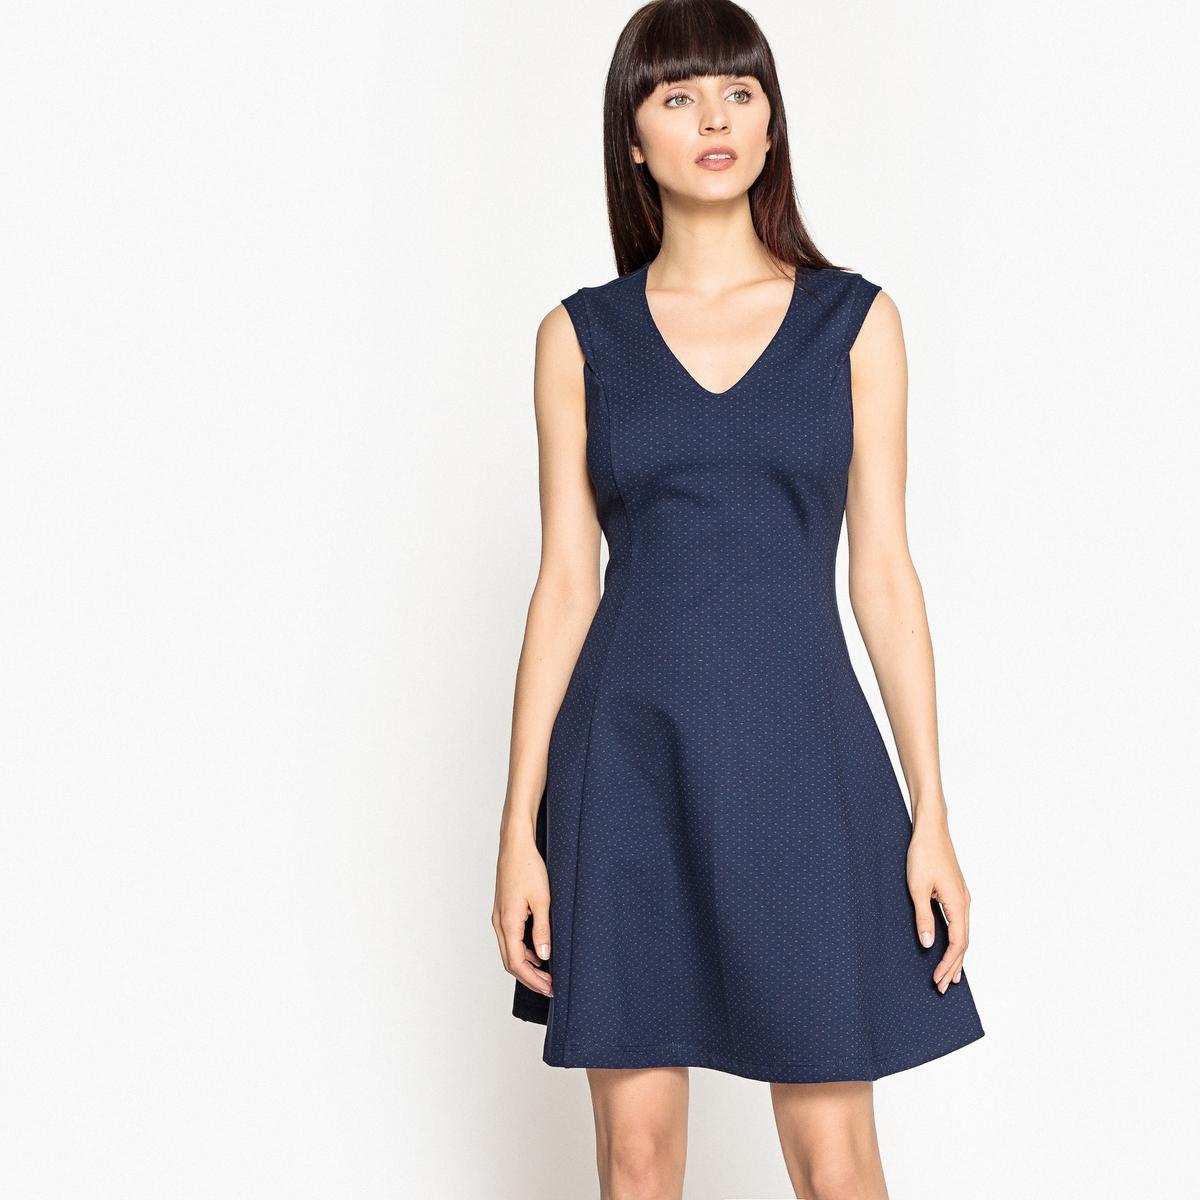 Платье расклешенное с V-образным вырезом без рукавов lovaru ™ 2015 летний стиль женщин моды платье без рукавов мини v образным вырезом высокое качество мягкие и удобные платья горячей продажи